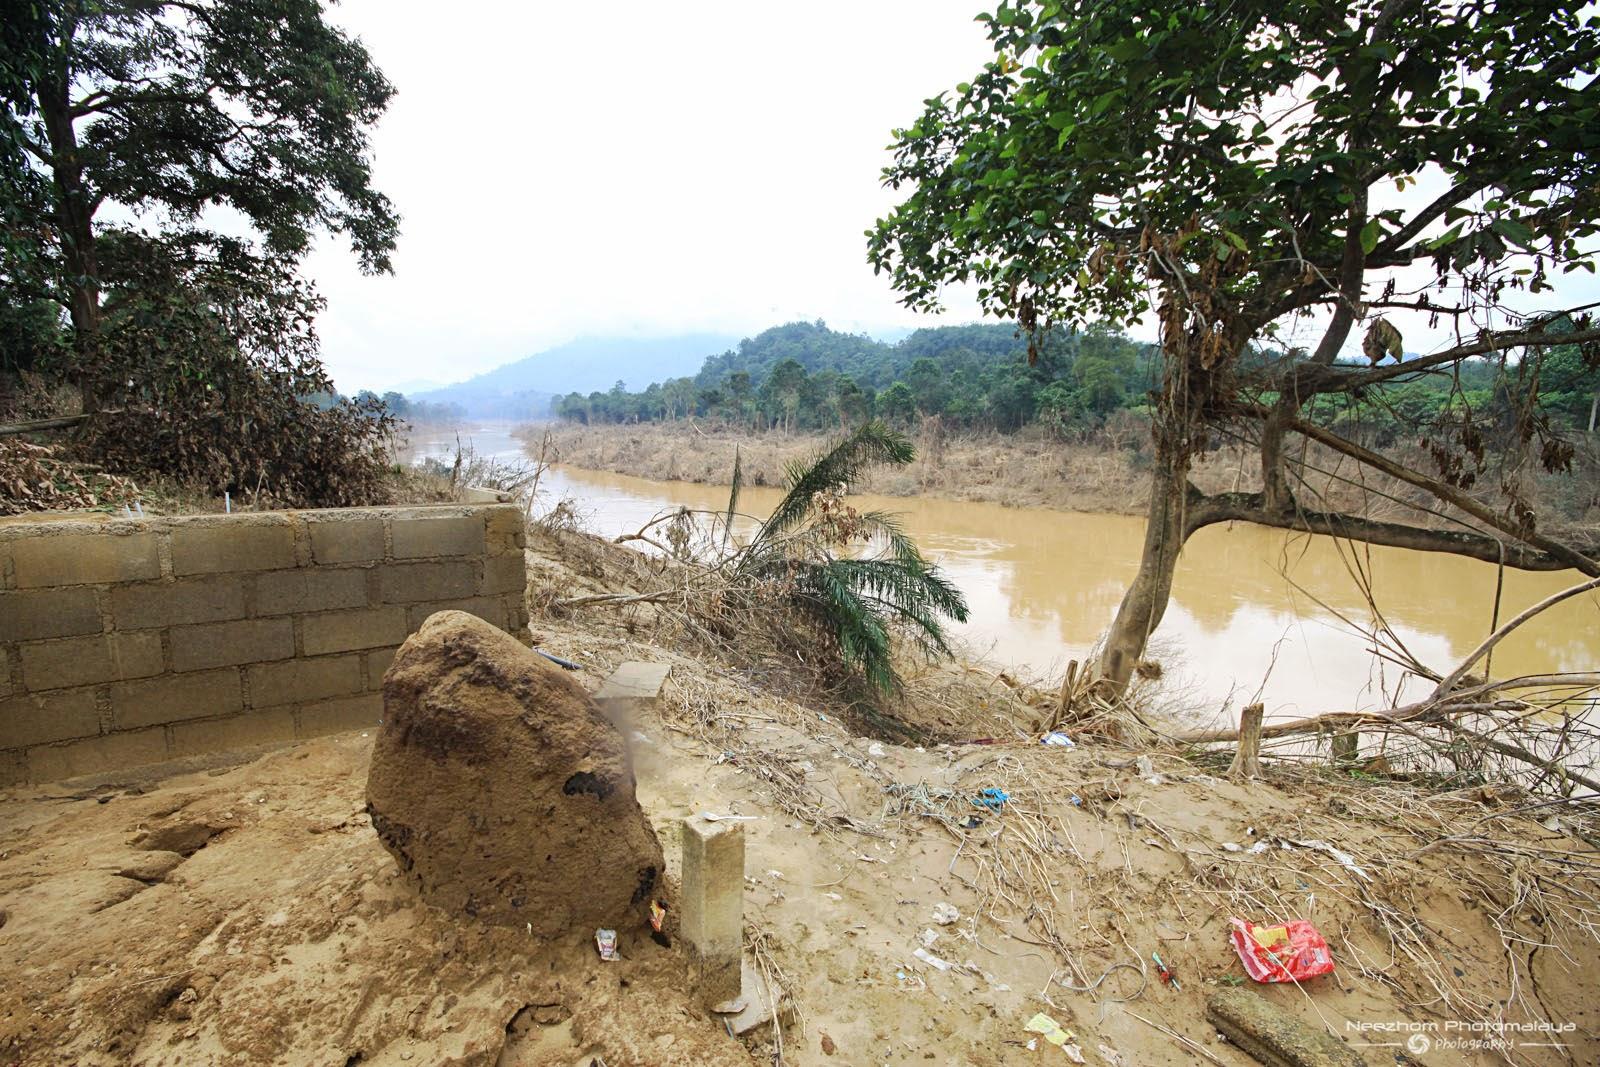 gambar Sungai Lebir kesan Banjir besar di Kampung Manjor, Kuala Krai